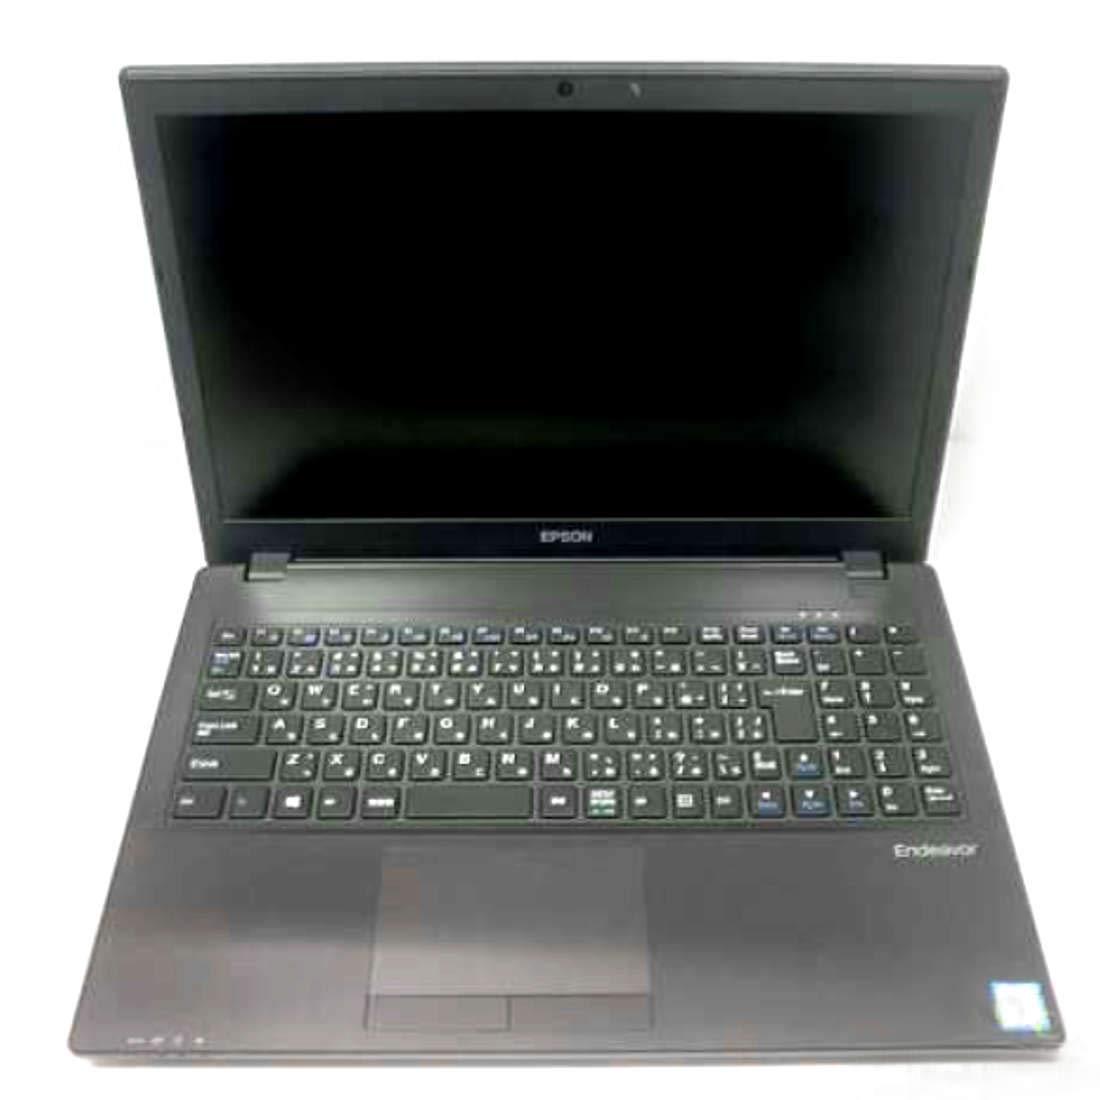 EPSON テンキー付ノートパソコン 15インチ ENDEAVOR NJ6100E (officeなし)(光学ドライブなし) オリジナル布ダストカバー[プレゼント セット]   B07QR13XGN